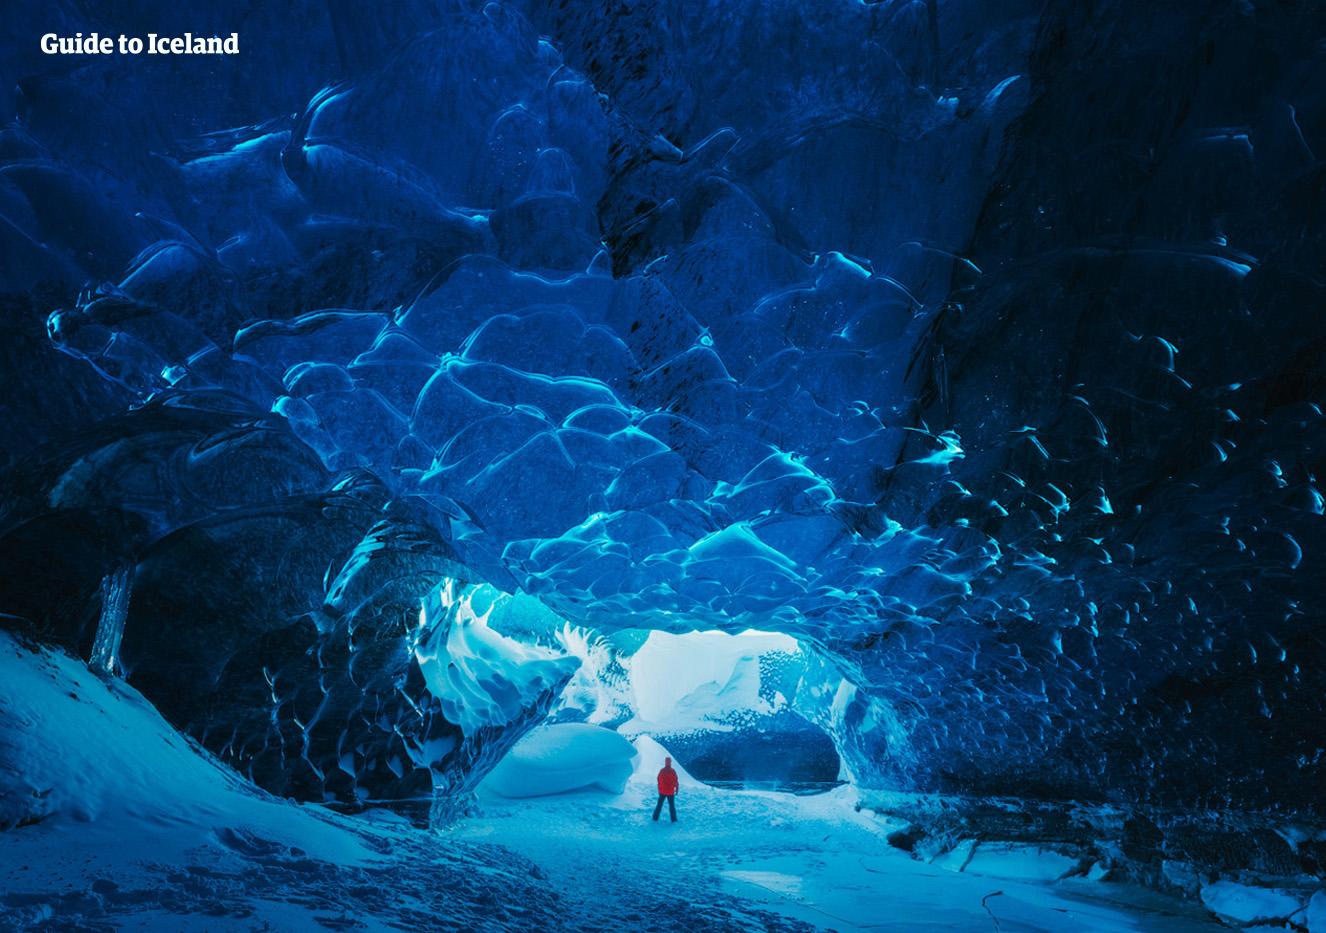 El deslumbrante interior azul de las cuevas de hielo de Islandia.